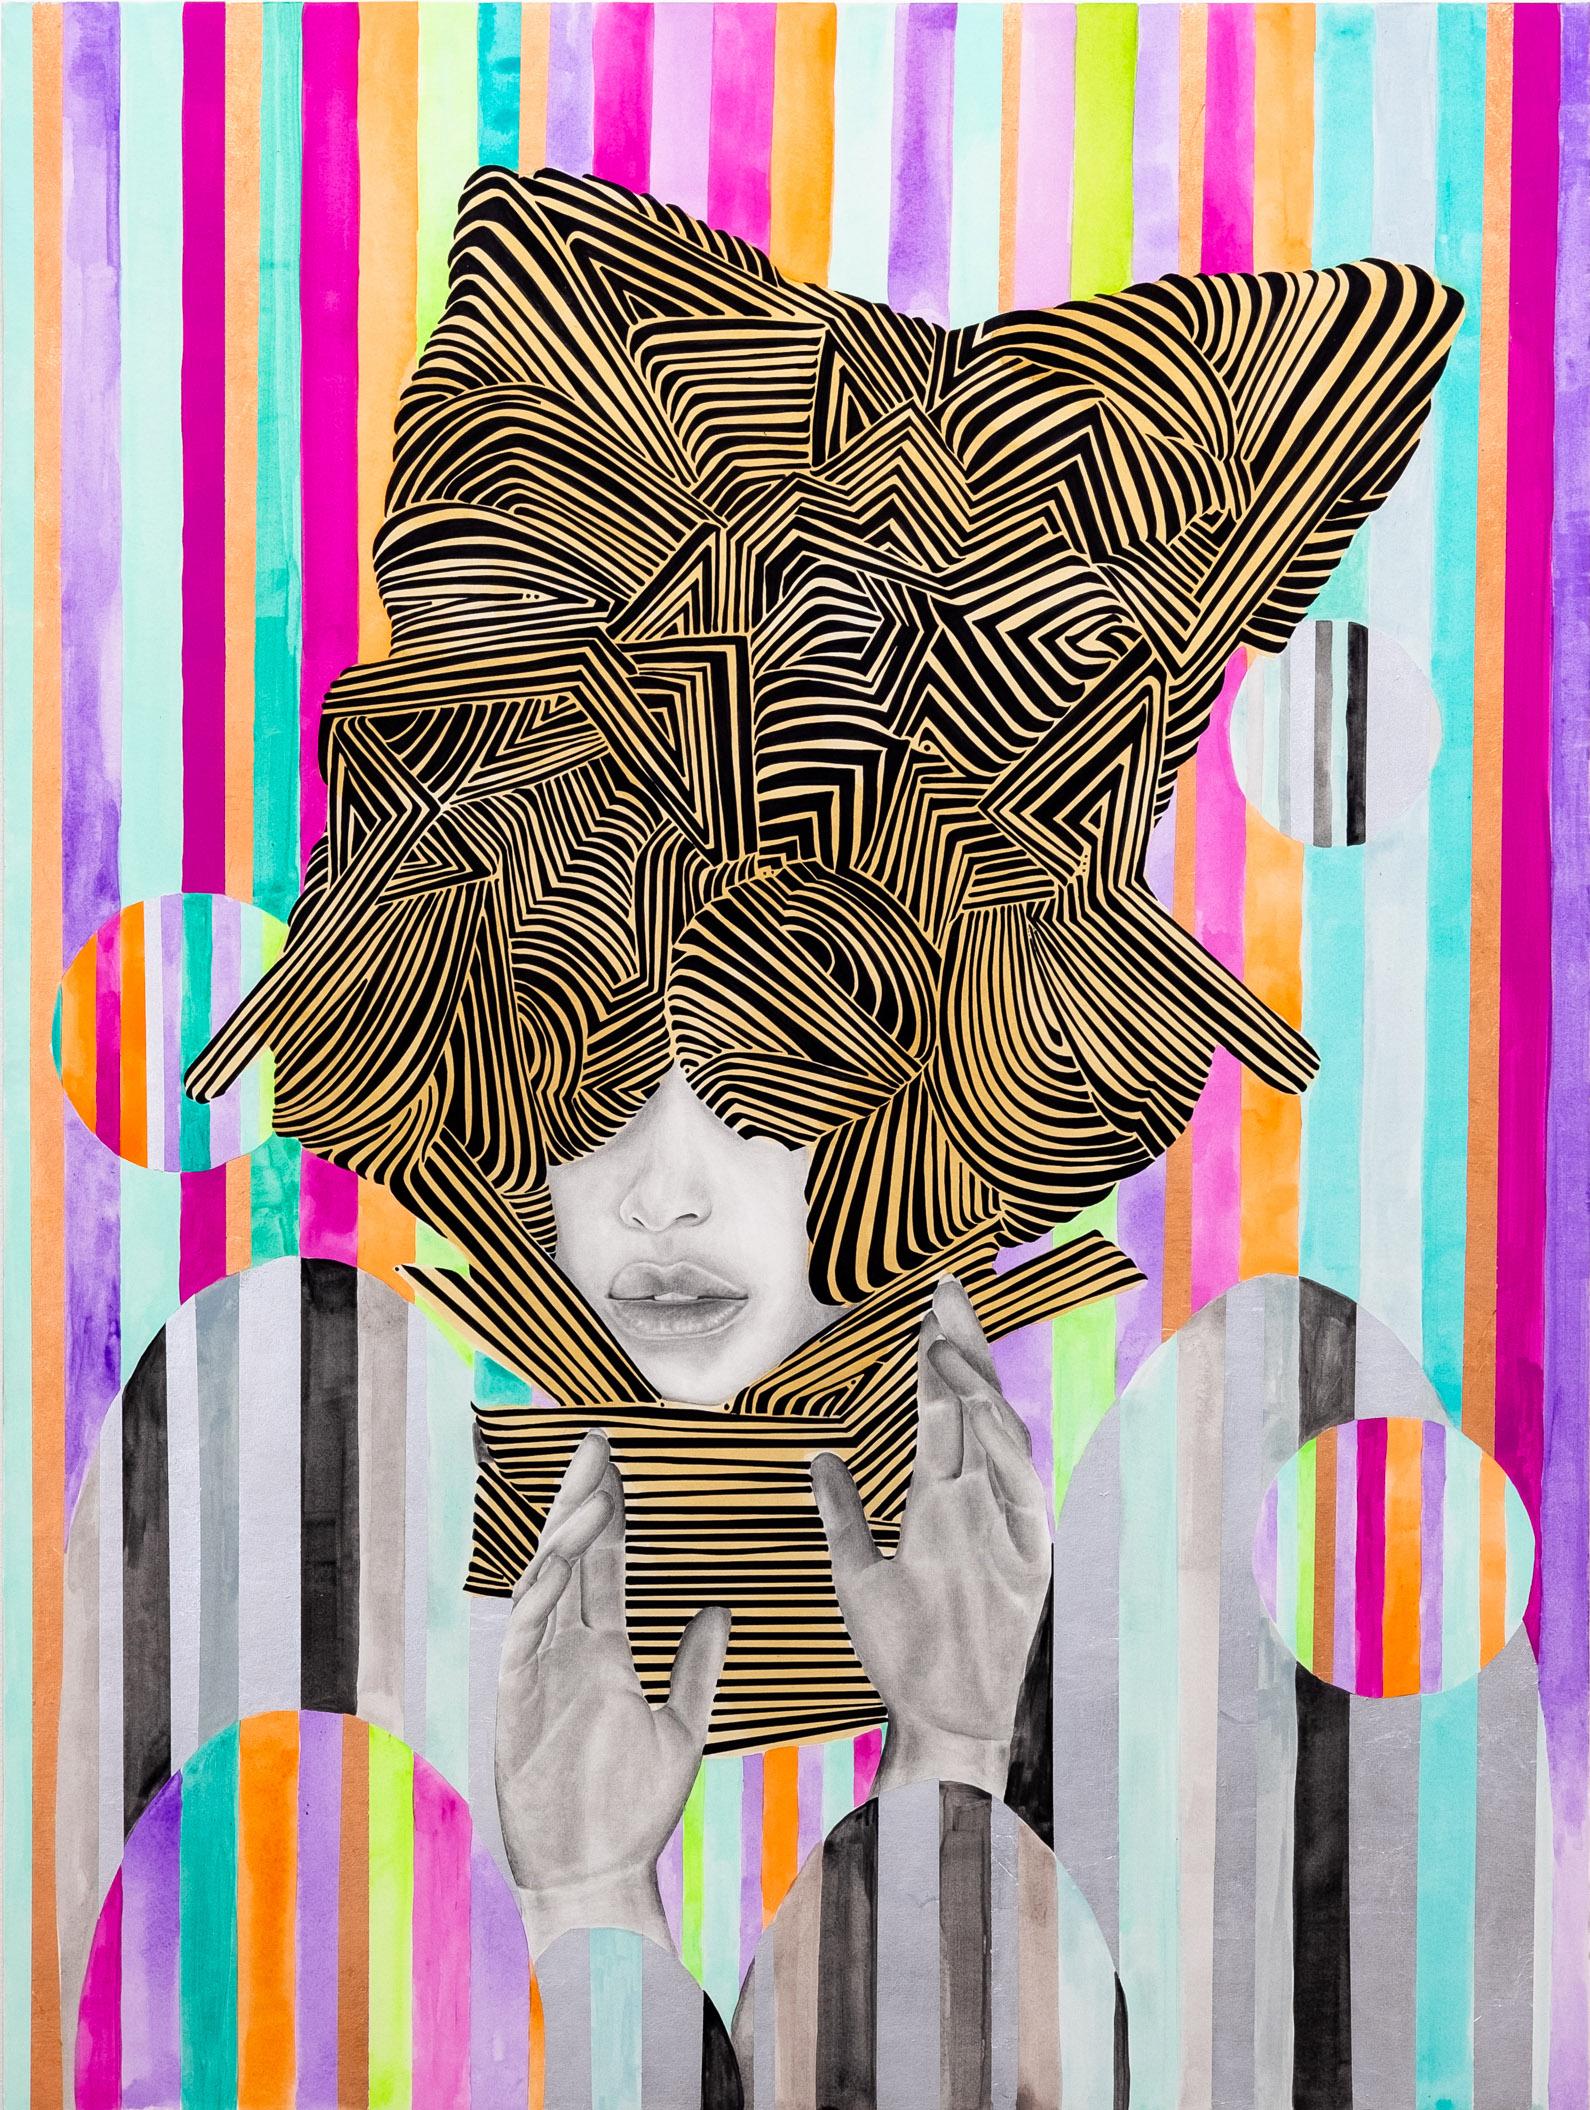 THE ART OF LELA BRUNET  on exhibit through September 20  see more